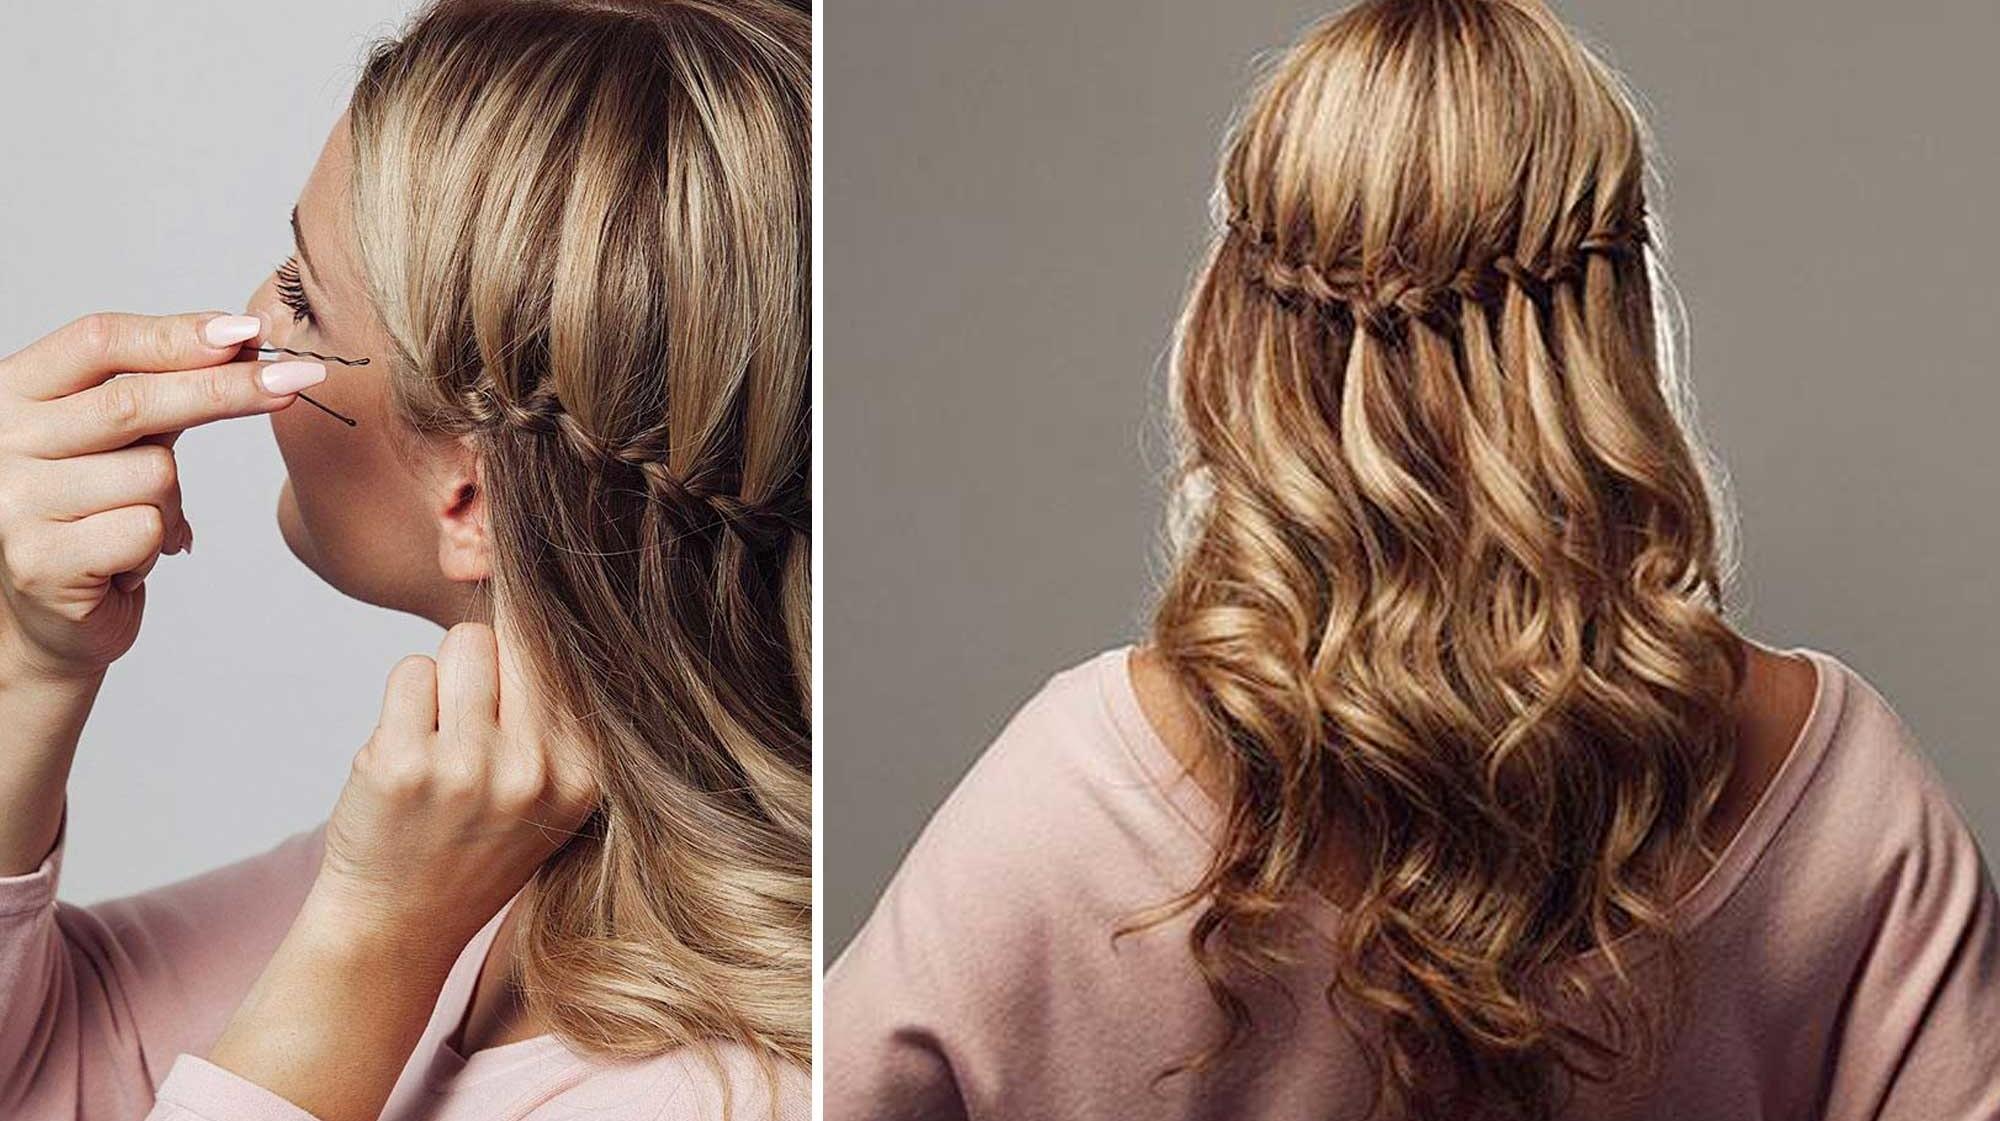 enkla håruppsättningar steg för steg